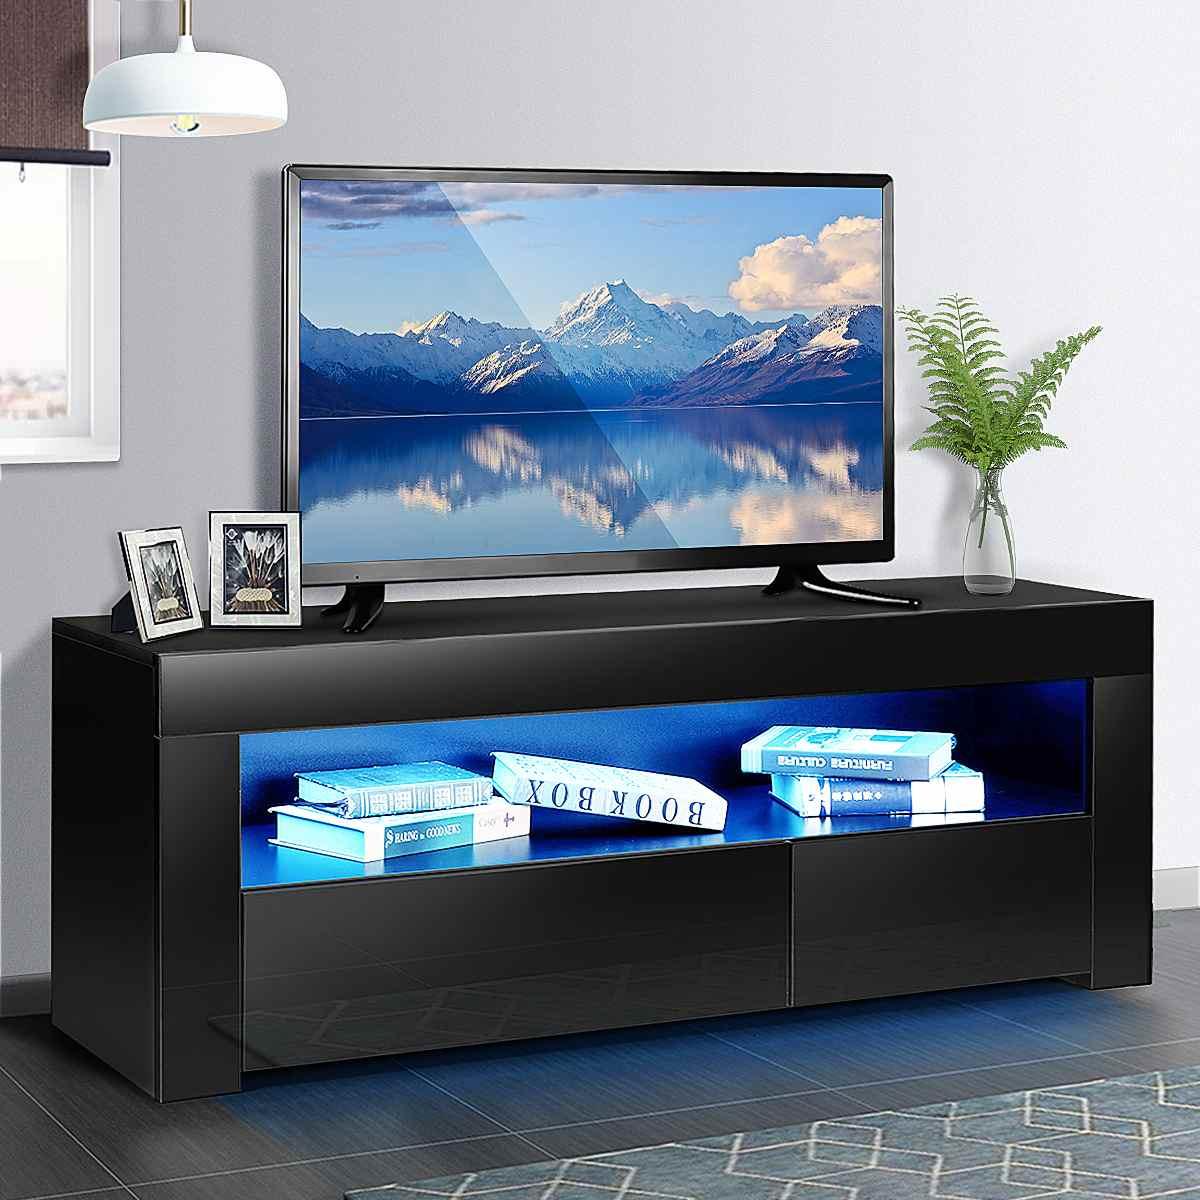 47 بوصة الحديثة RGB LED التلفزيون تقف مع درج خزانة التخزين المنظم وحدة تليفزيون قوس أثاث غرفة المعيشة شاشة التلفاز حامل